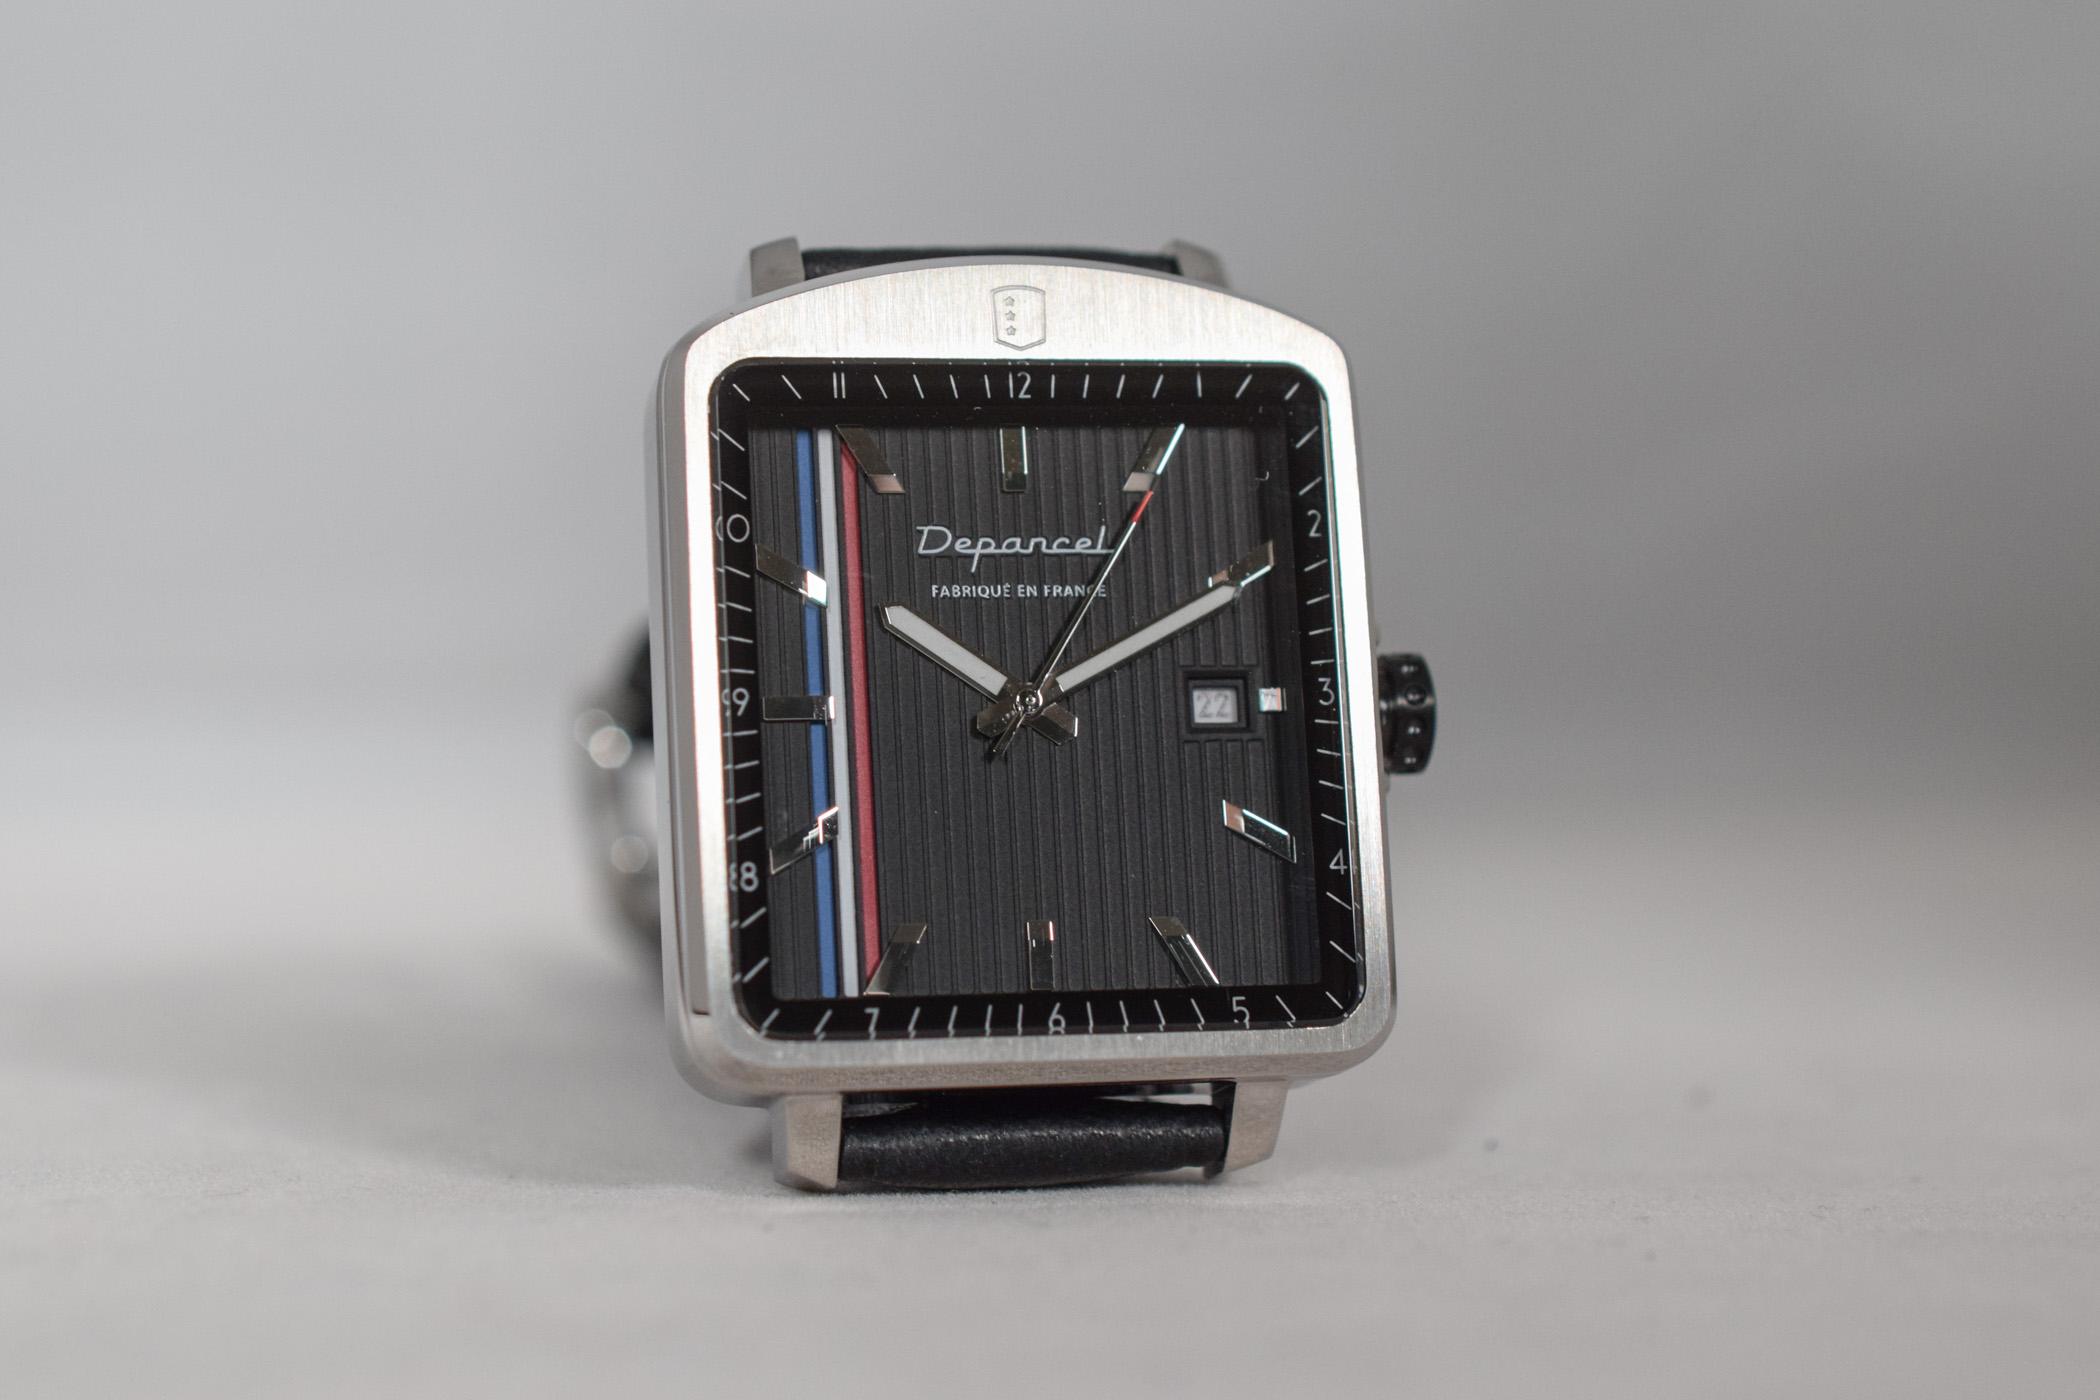 Depancel Renaissence - Kickstarter watch - 1